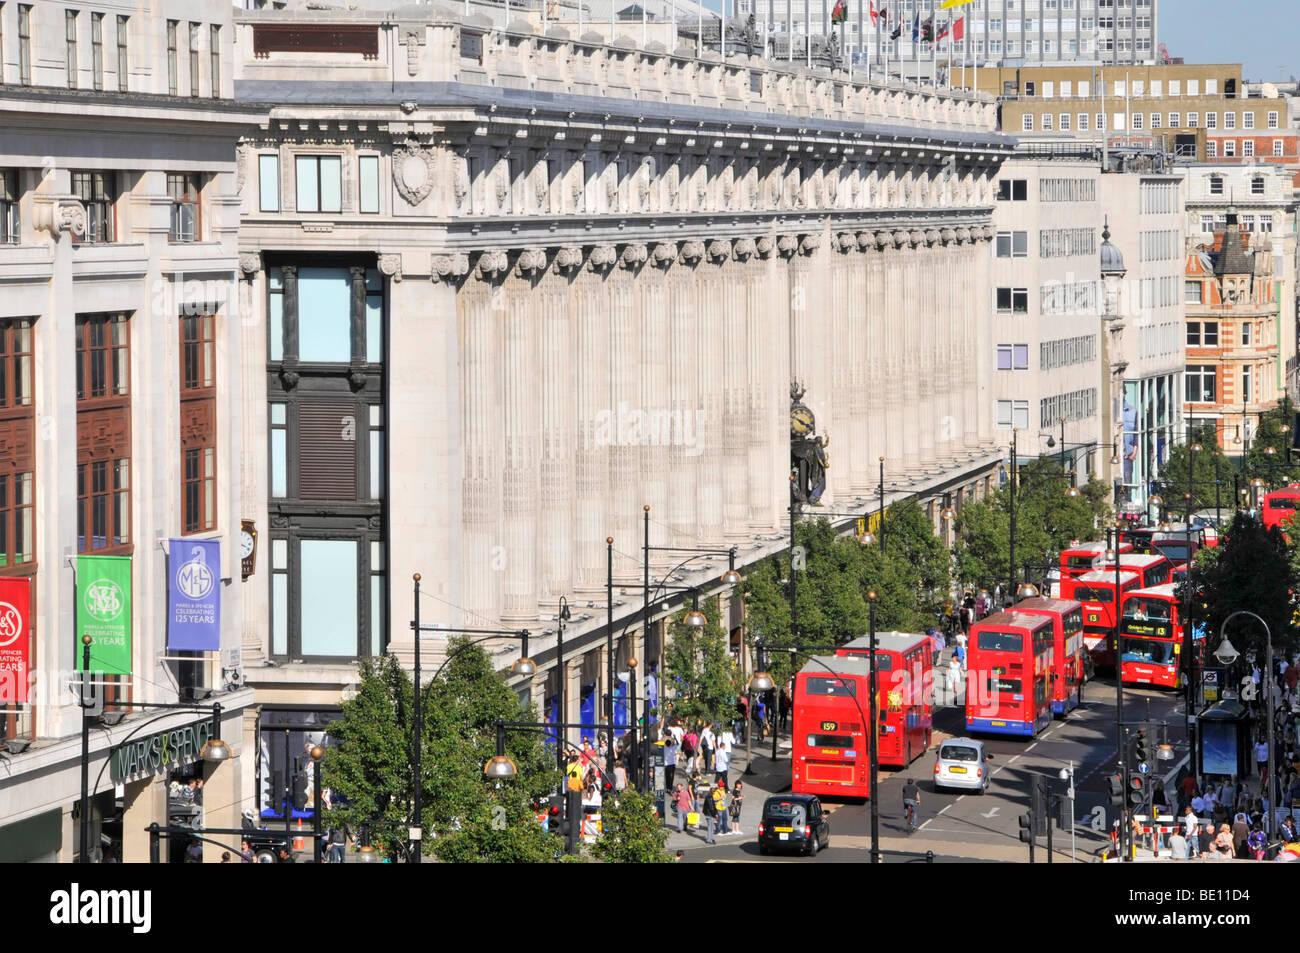 Oxford Street fachada de los grandes almacenes Selfridges con cola de double decker autobuses rojos de Londres West Imagen De Stock